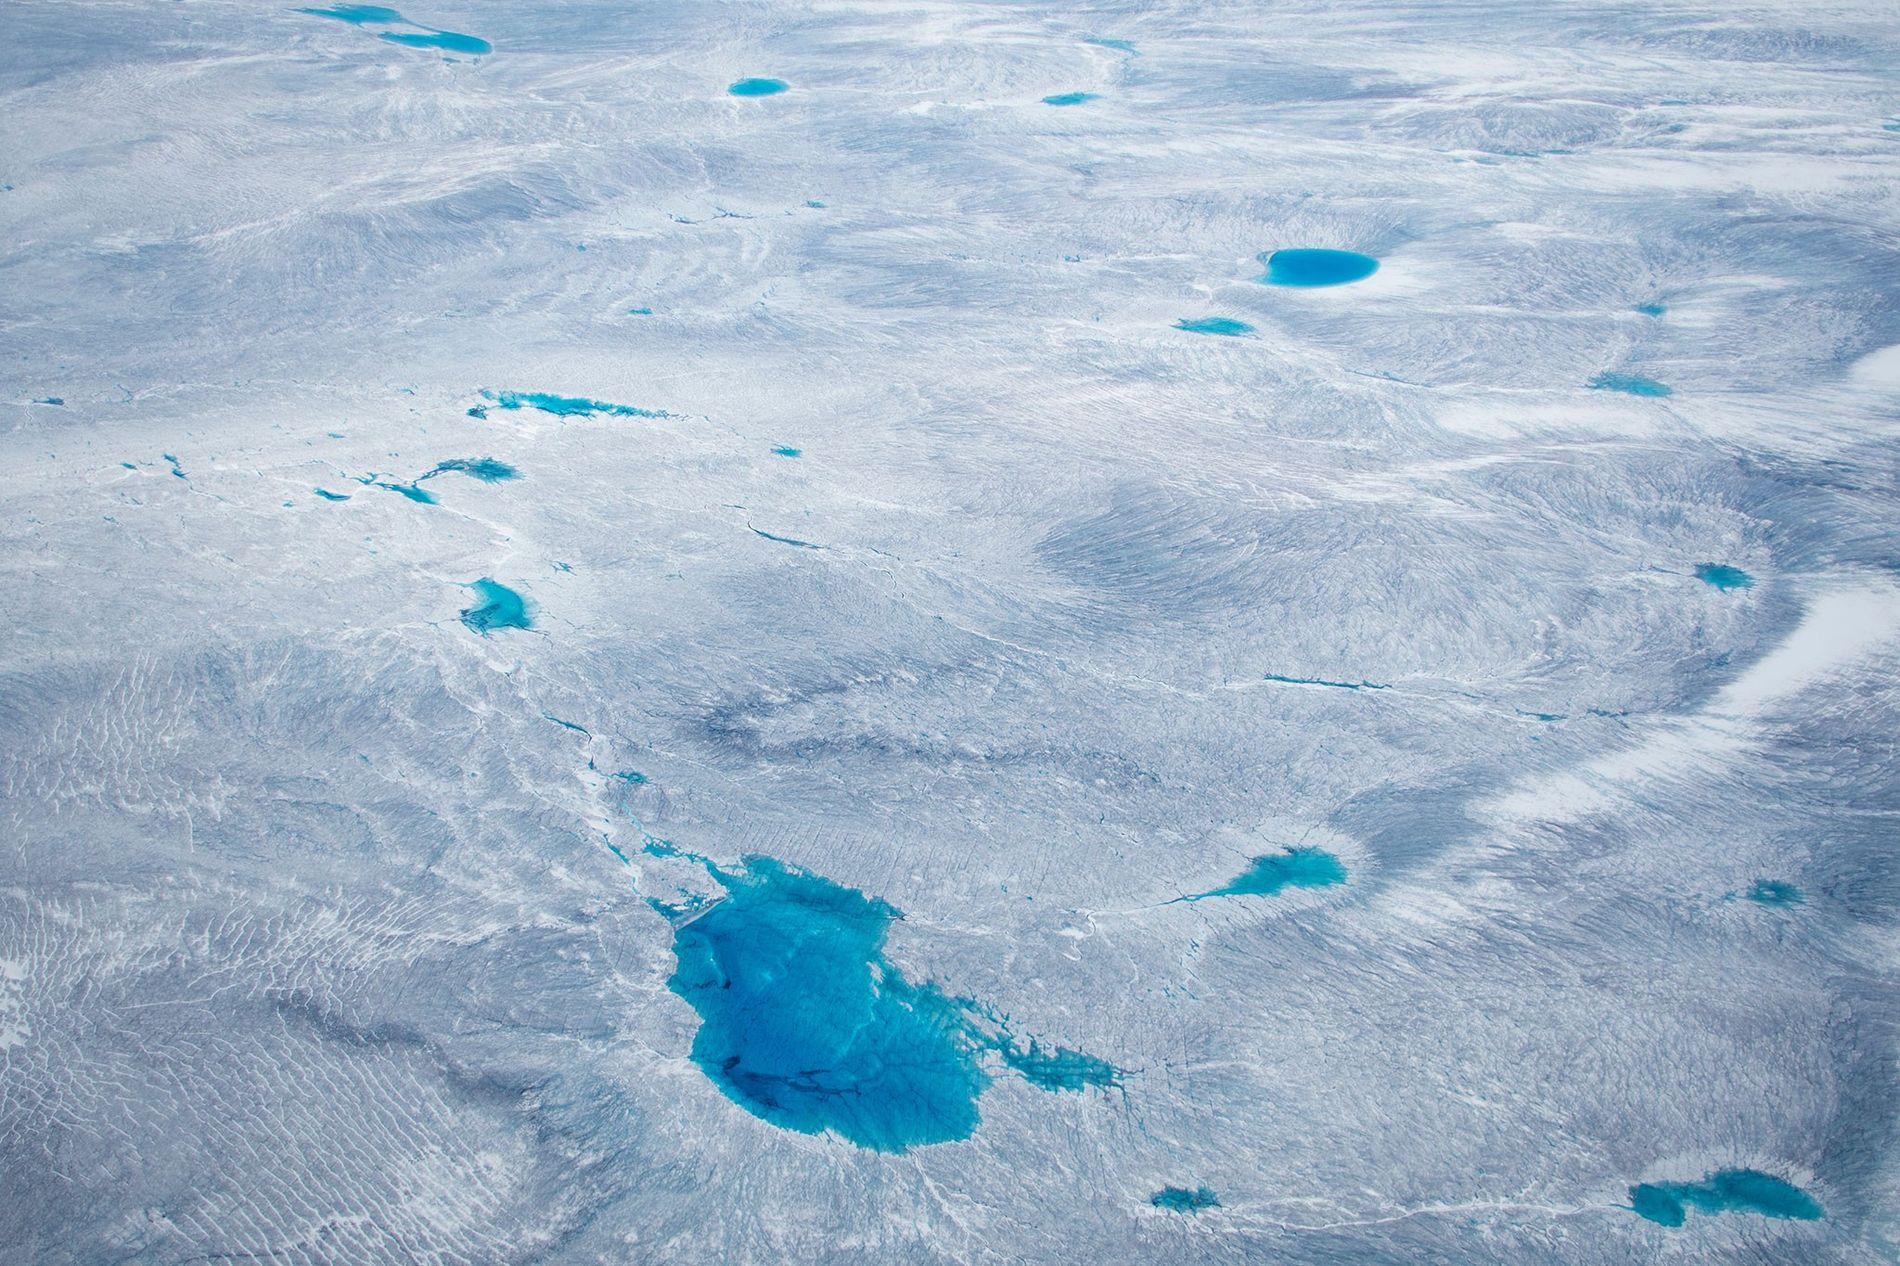 Groenlandia está cubierta por una gran cantidad de hielo, pero ¿por cuánto tiempo?